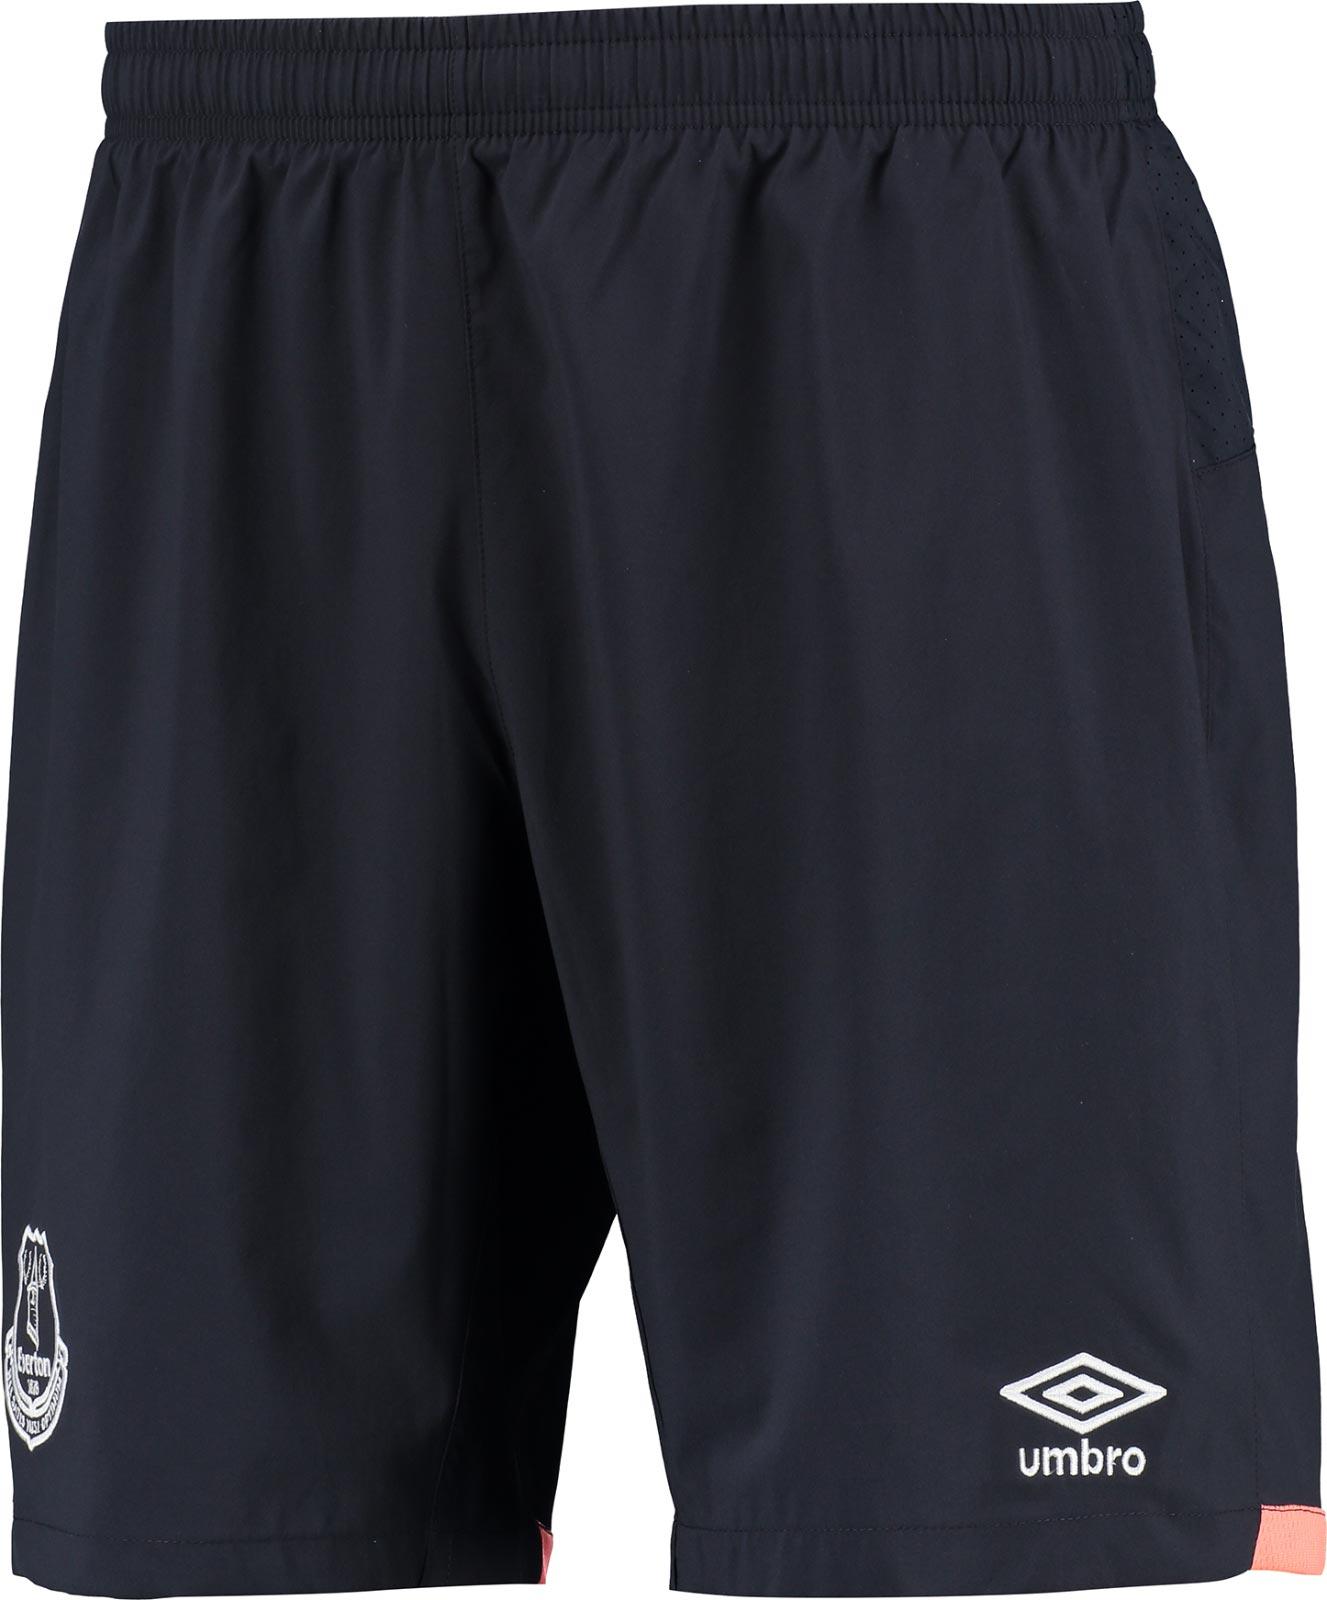 everton-16-17-away-kit-shorts